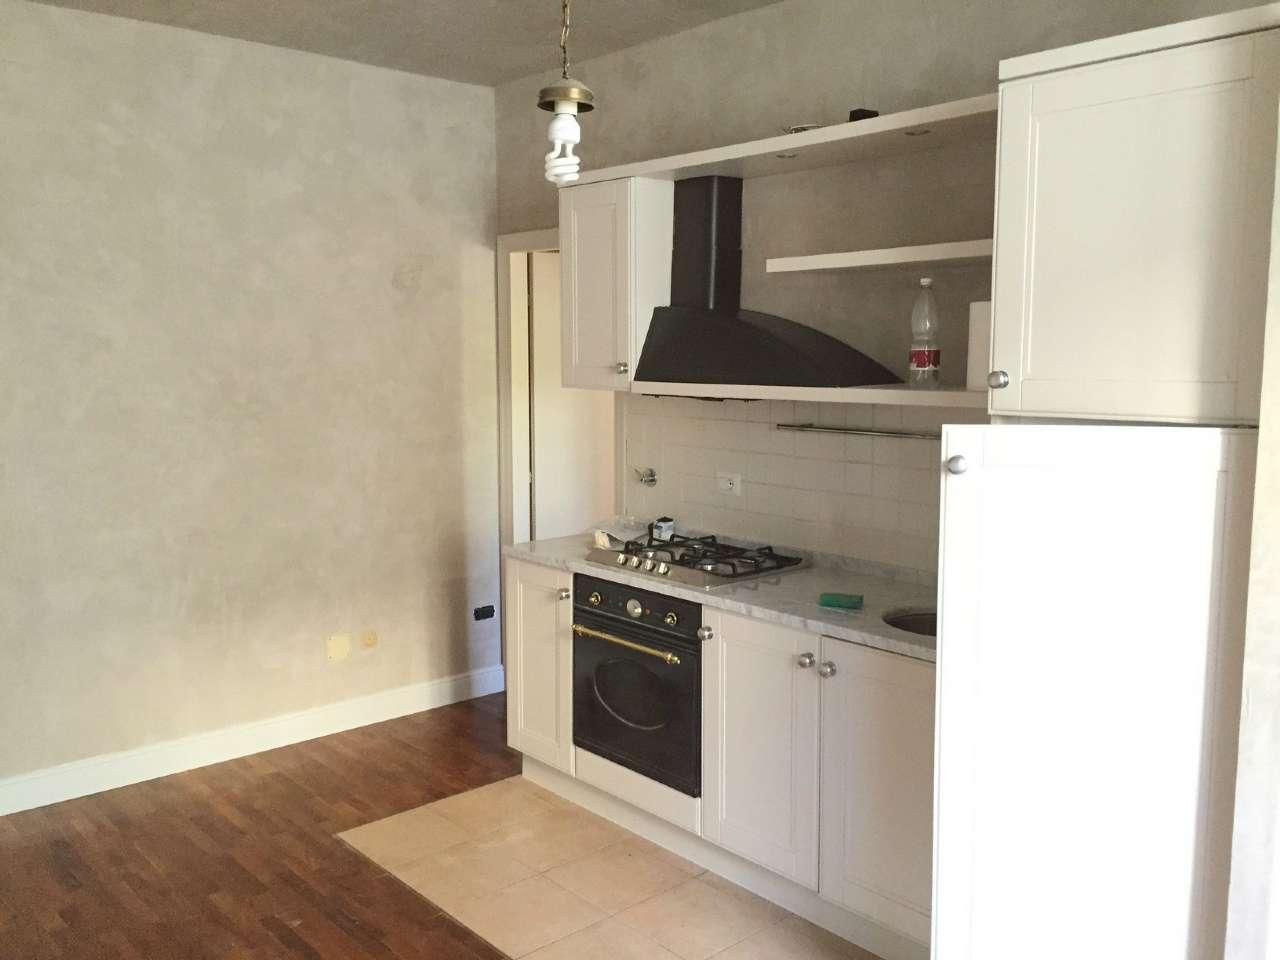 Appartamento in vendita a Fiesole, 2 locali, prezzo € 170.000 | CambioCasa.it